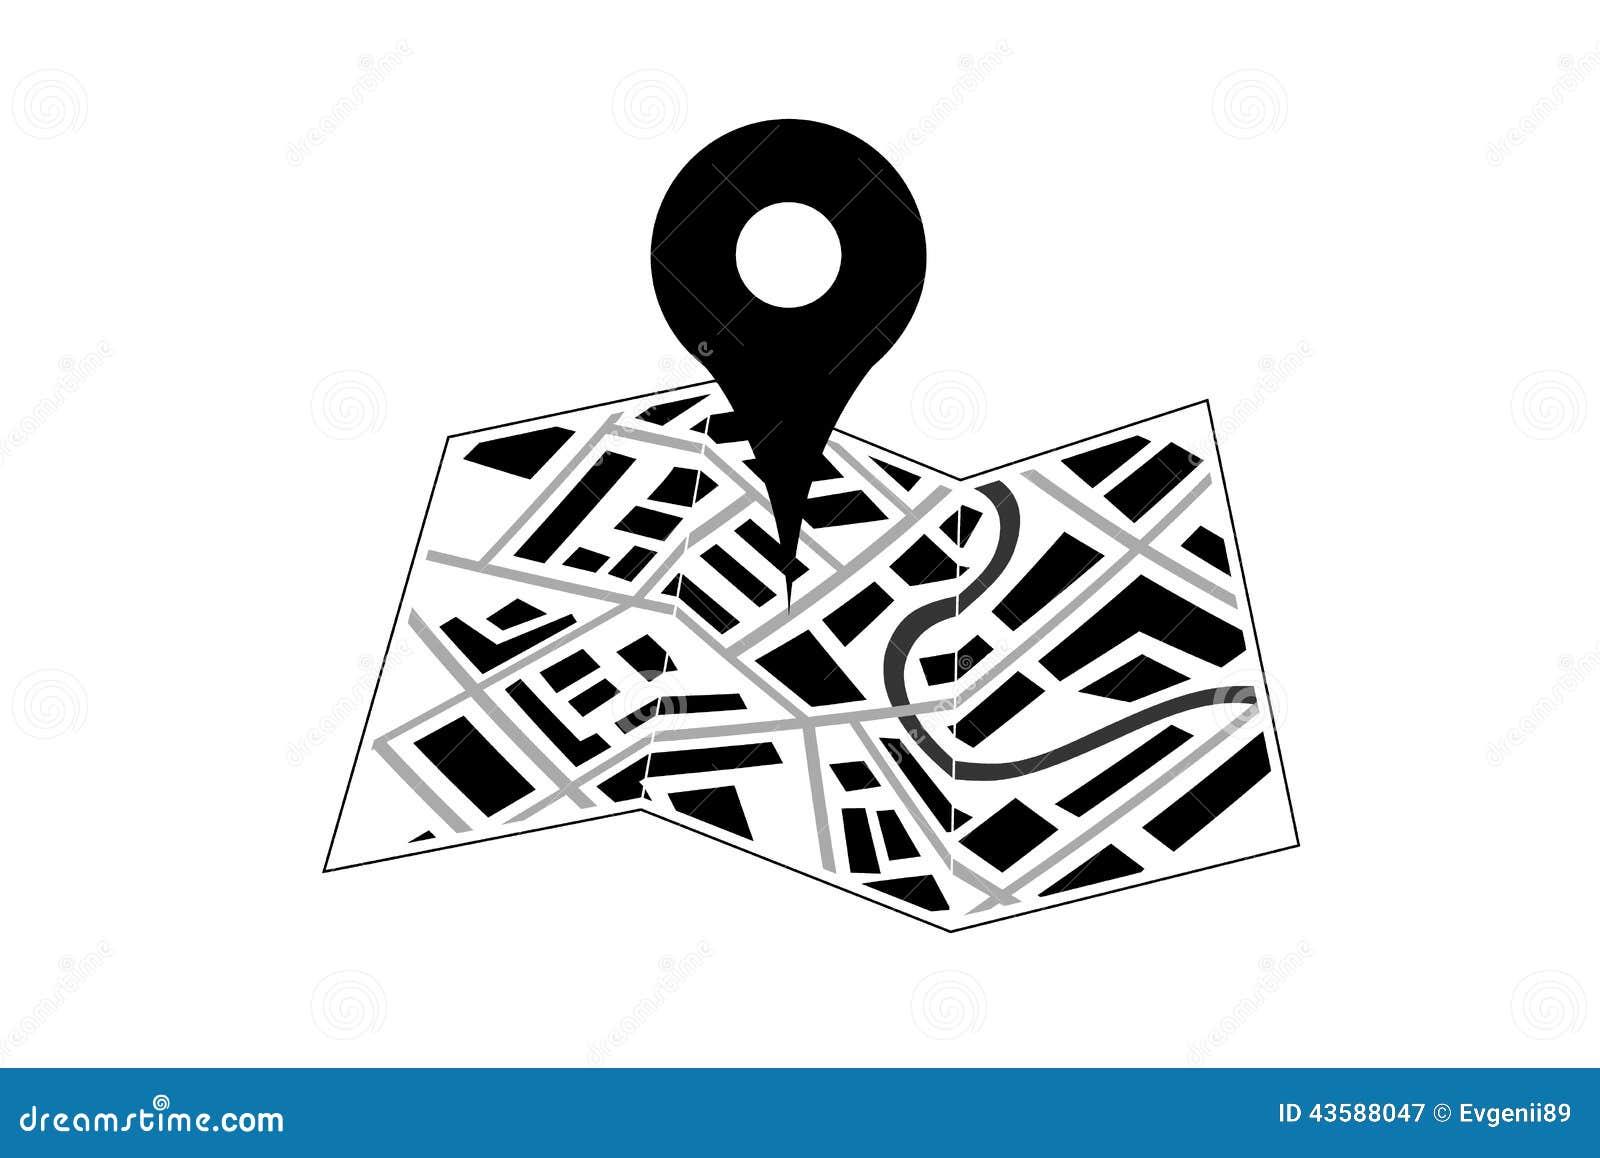 Ubicación Posición Icono Gráficos Vectoriales Gratis: Marcador De Los Gps Icono Del Perno Del Mapa Ilustración